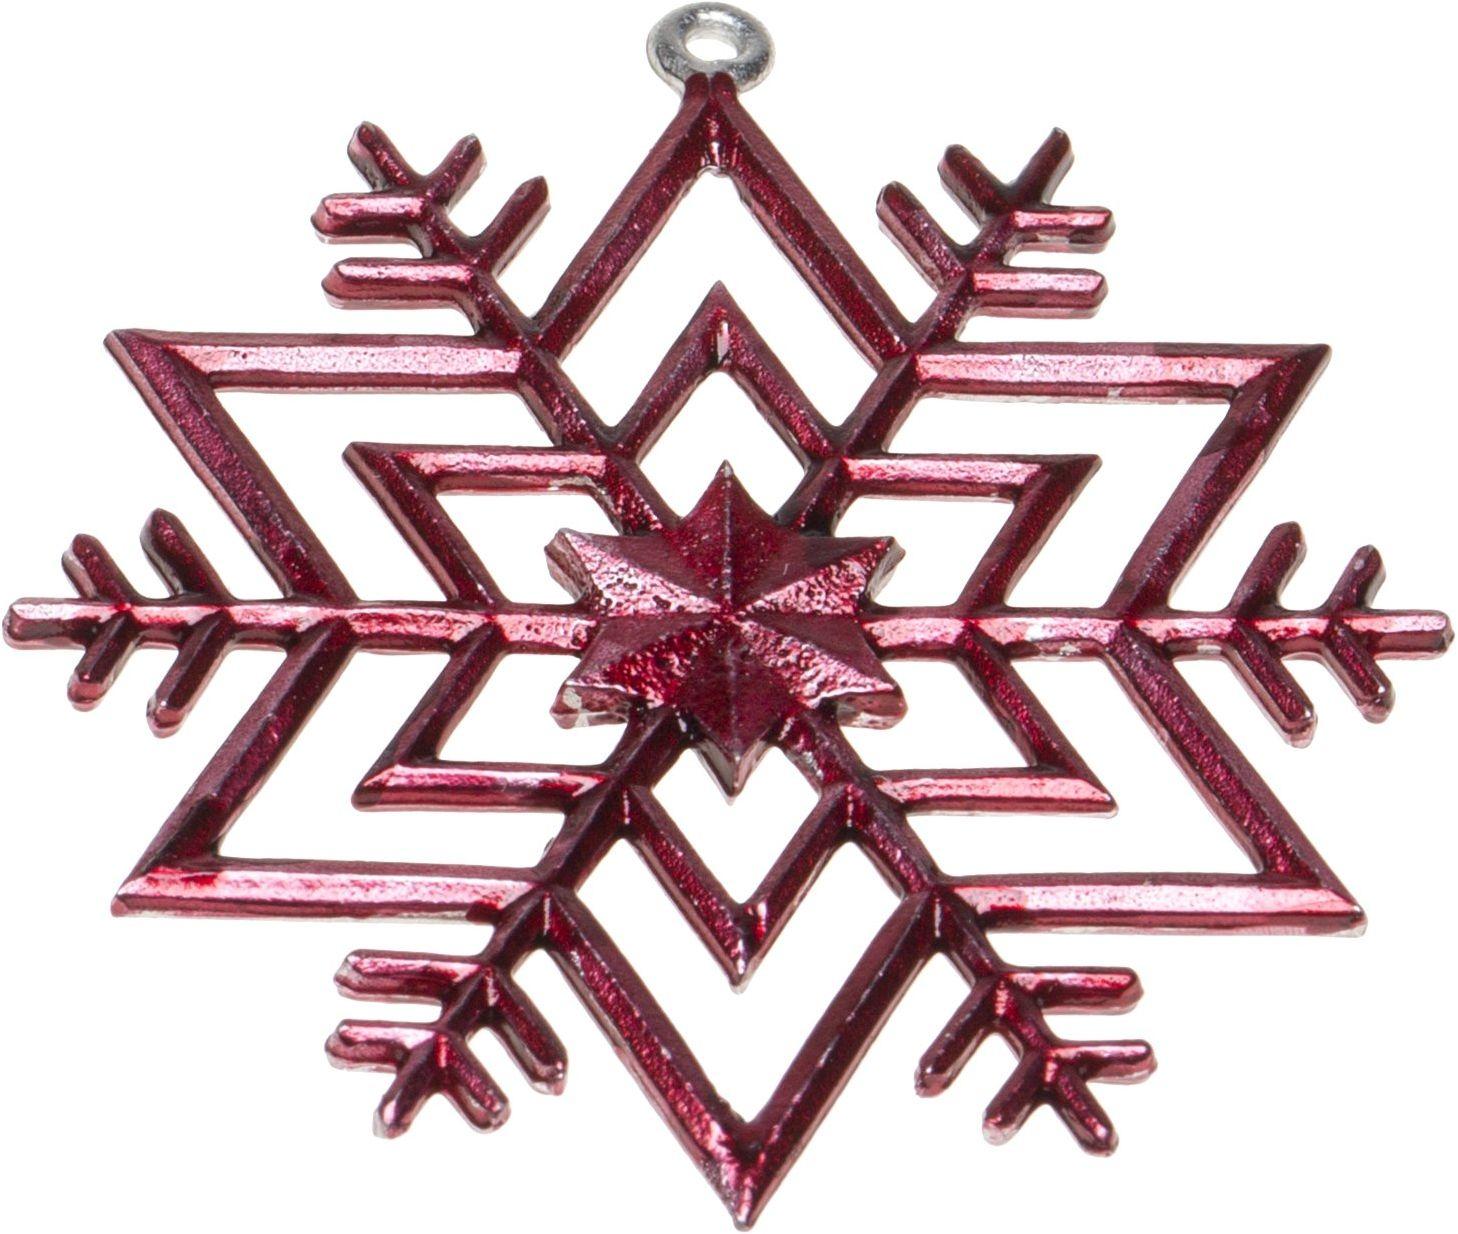 Schnabel-Zinn Gwiazda zawieszka bożonarodzeniowa kolorowa, czerwona